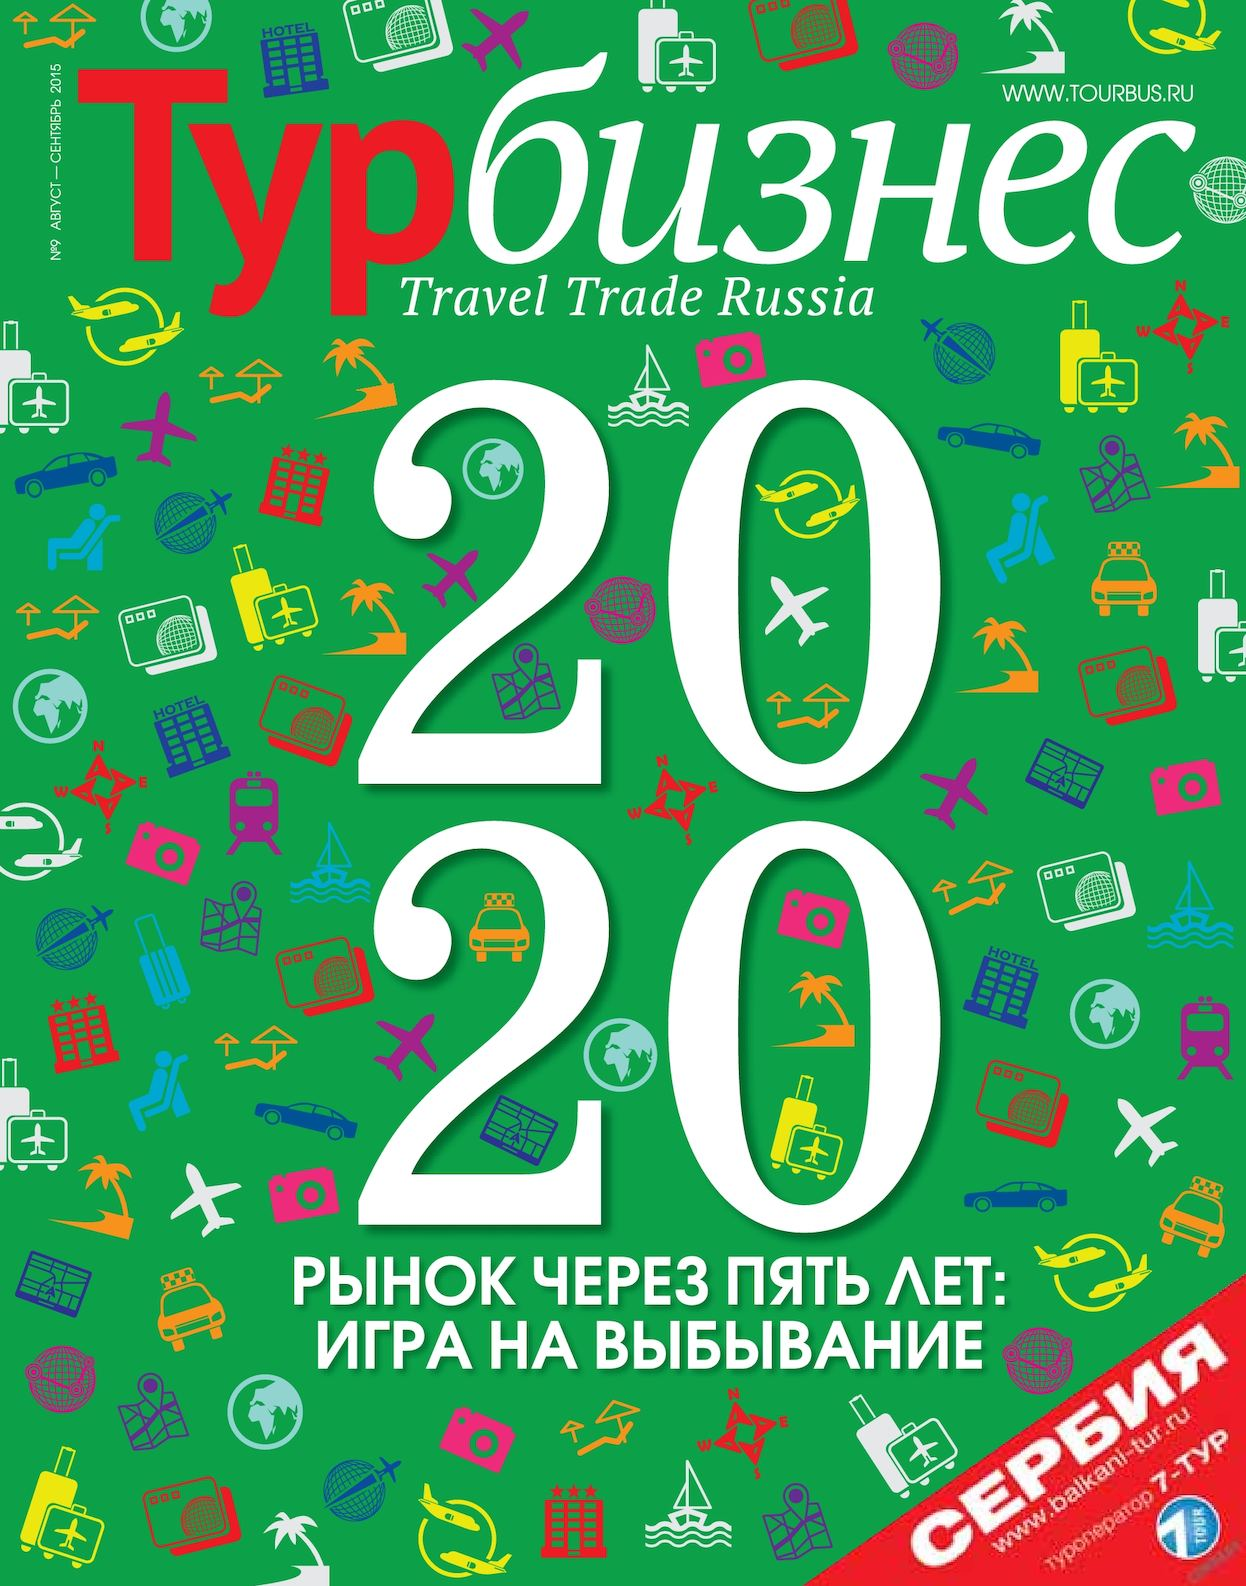 Купить билет на самолет в хургаду из санкт петербурга